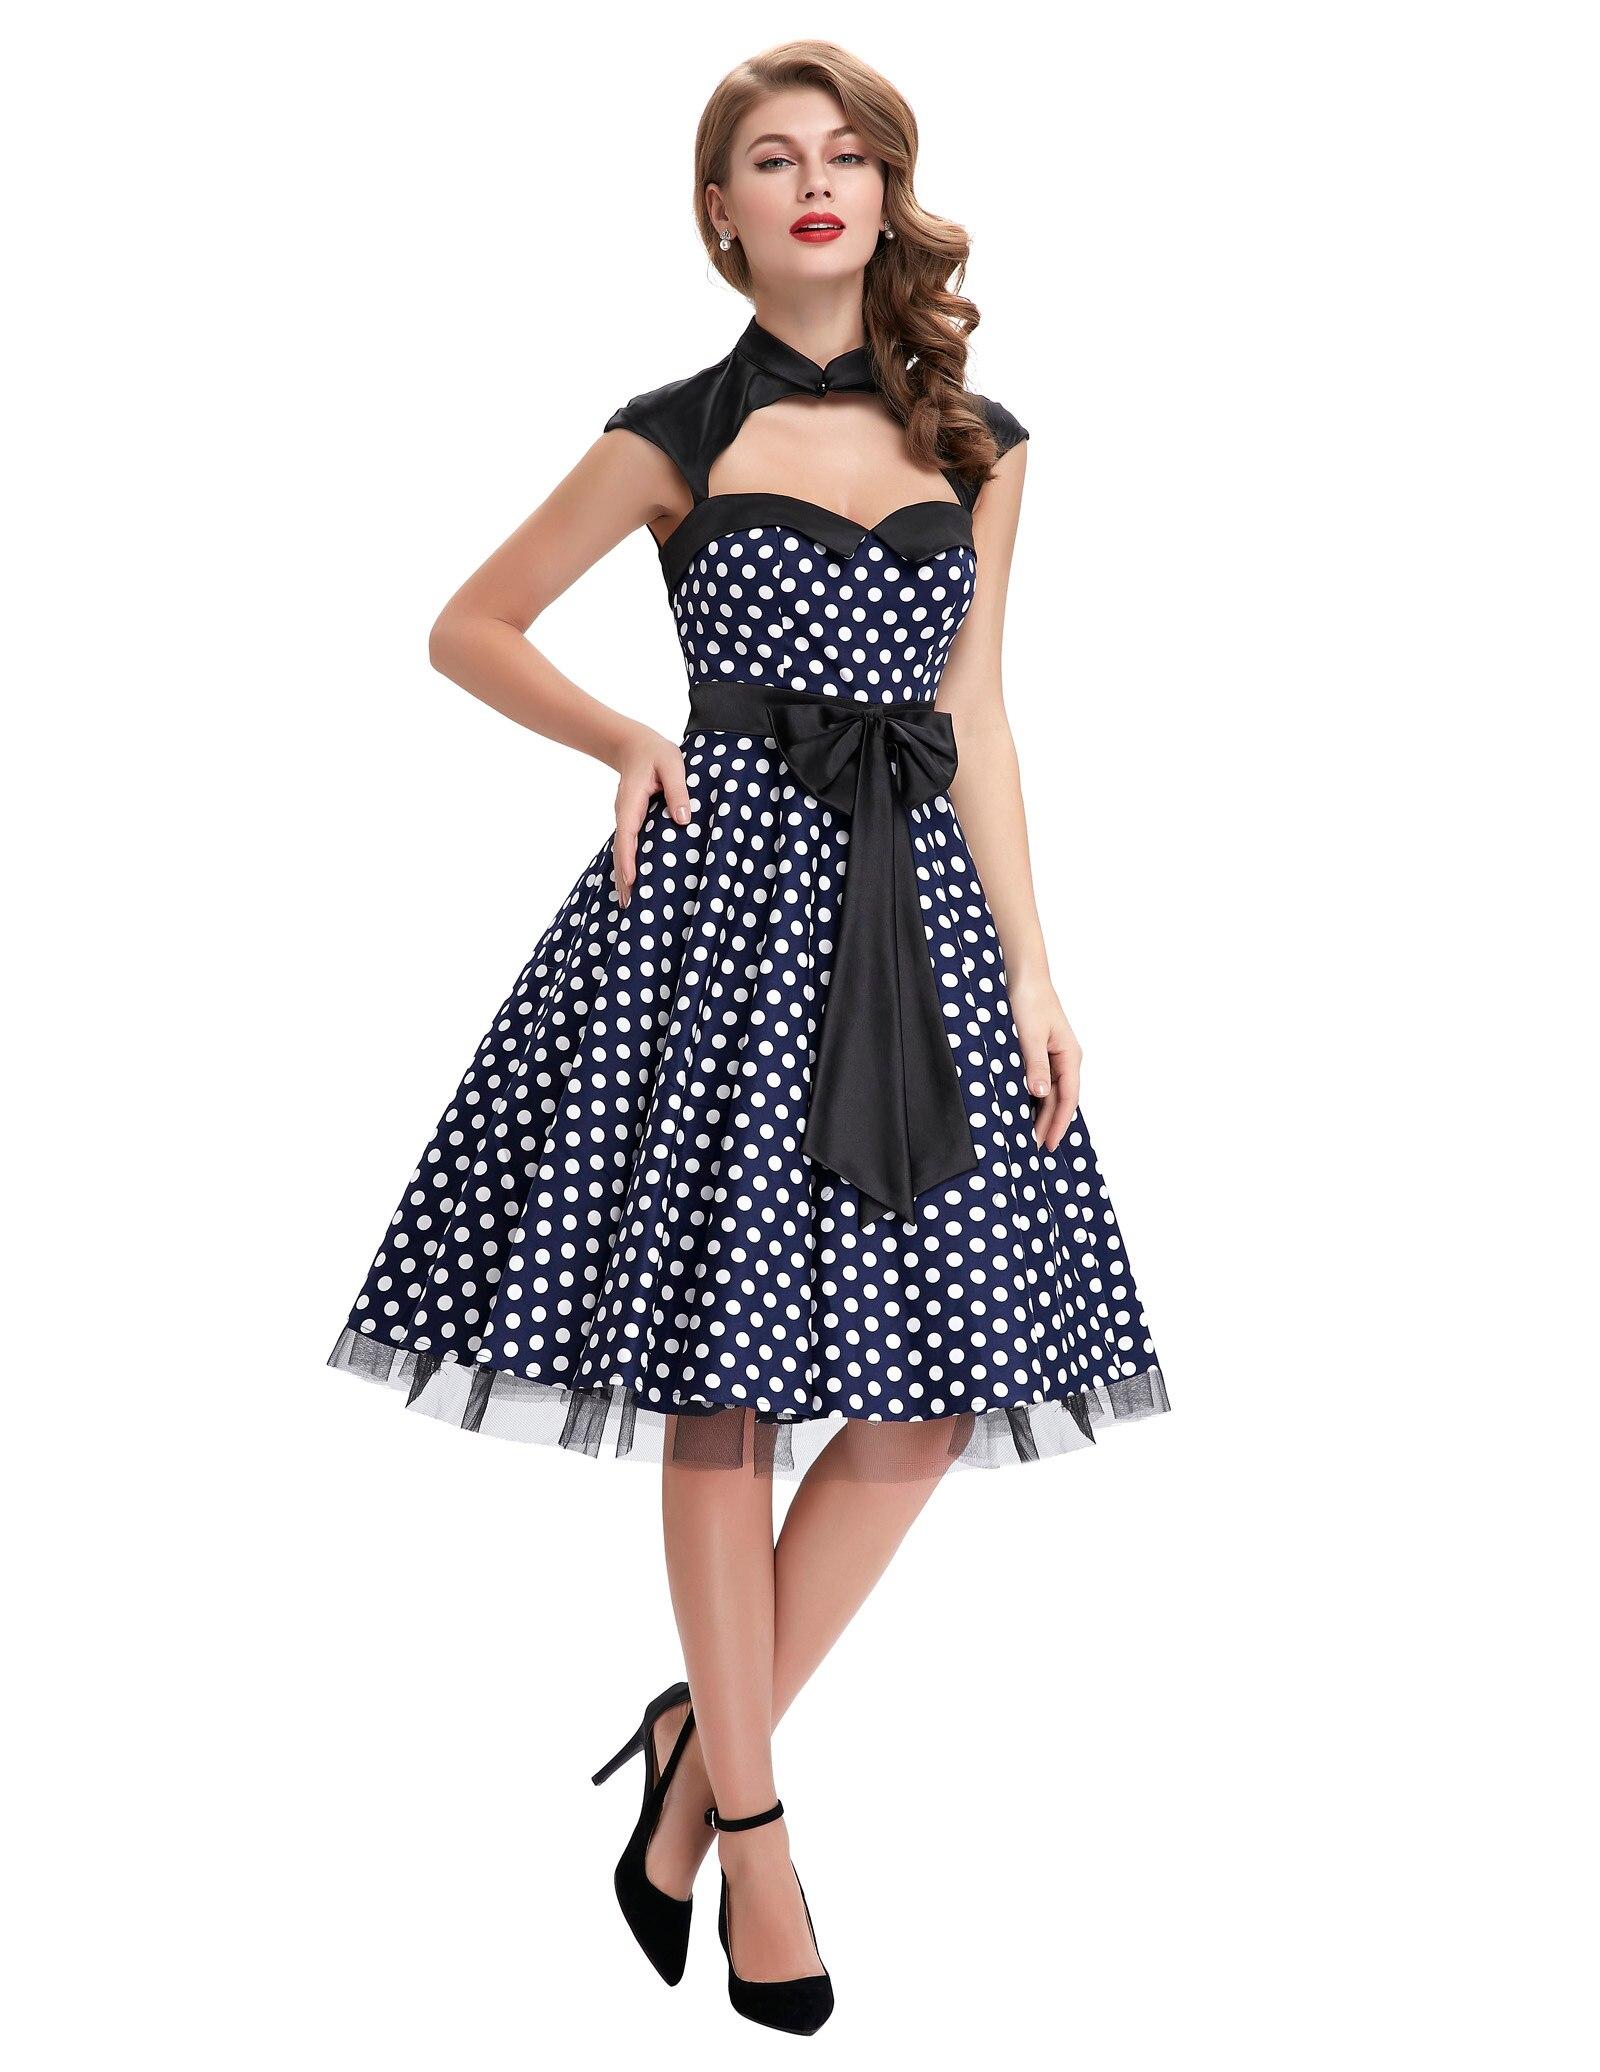 Chaud femmes à pois évidé grand nœud-noeud rétro Vintage fête pique-nique robe